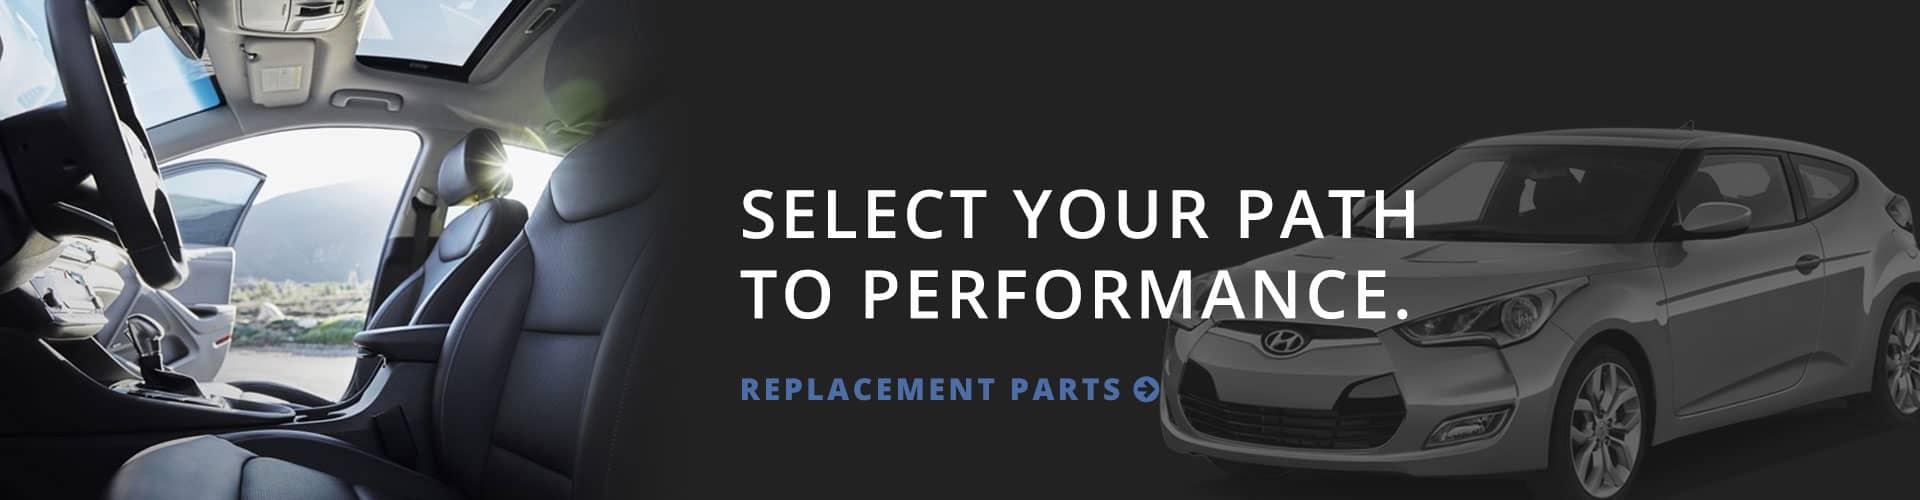 Shop Replacement Parts